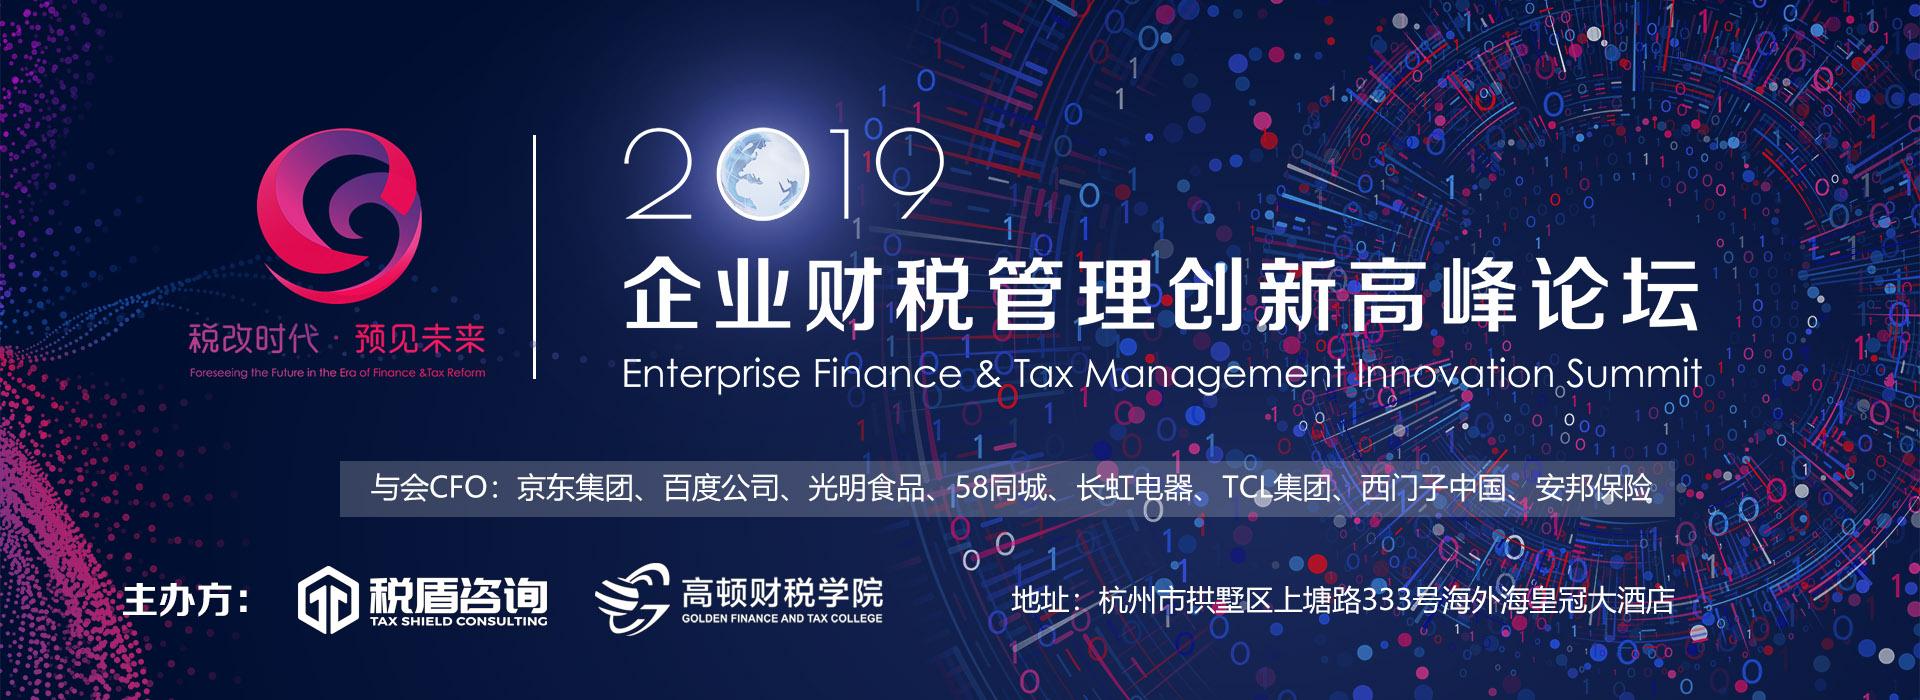 杭州企业财税管理创新论坛